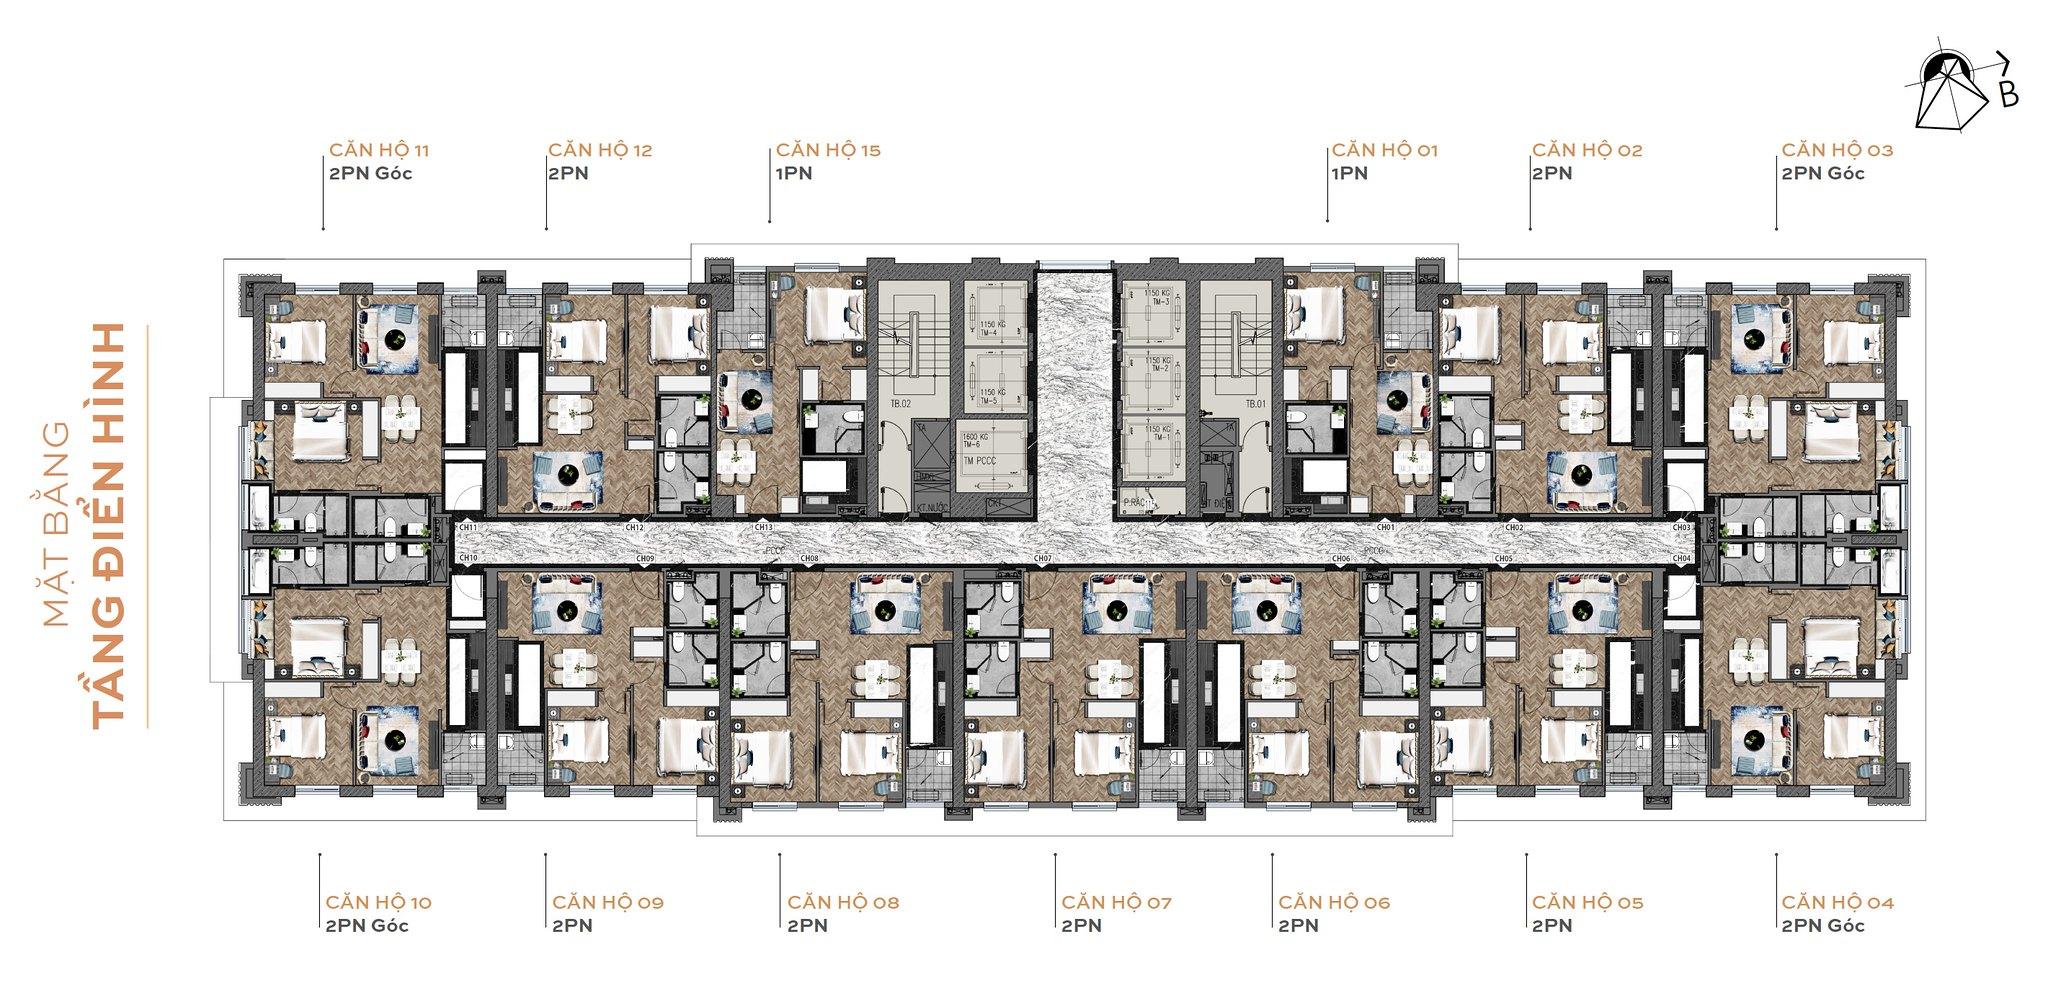 Altara Residences Quy Nhơn – 6 điểm cần đánh giá trước khi đầu tư 2